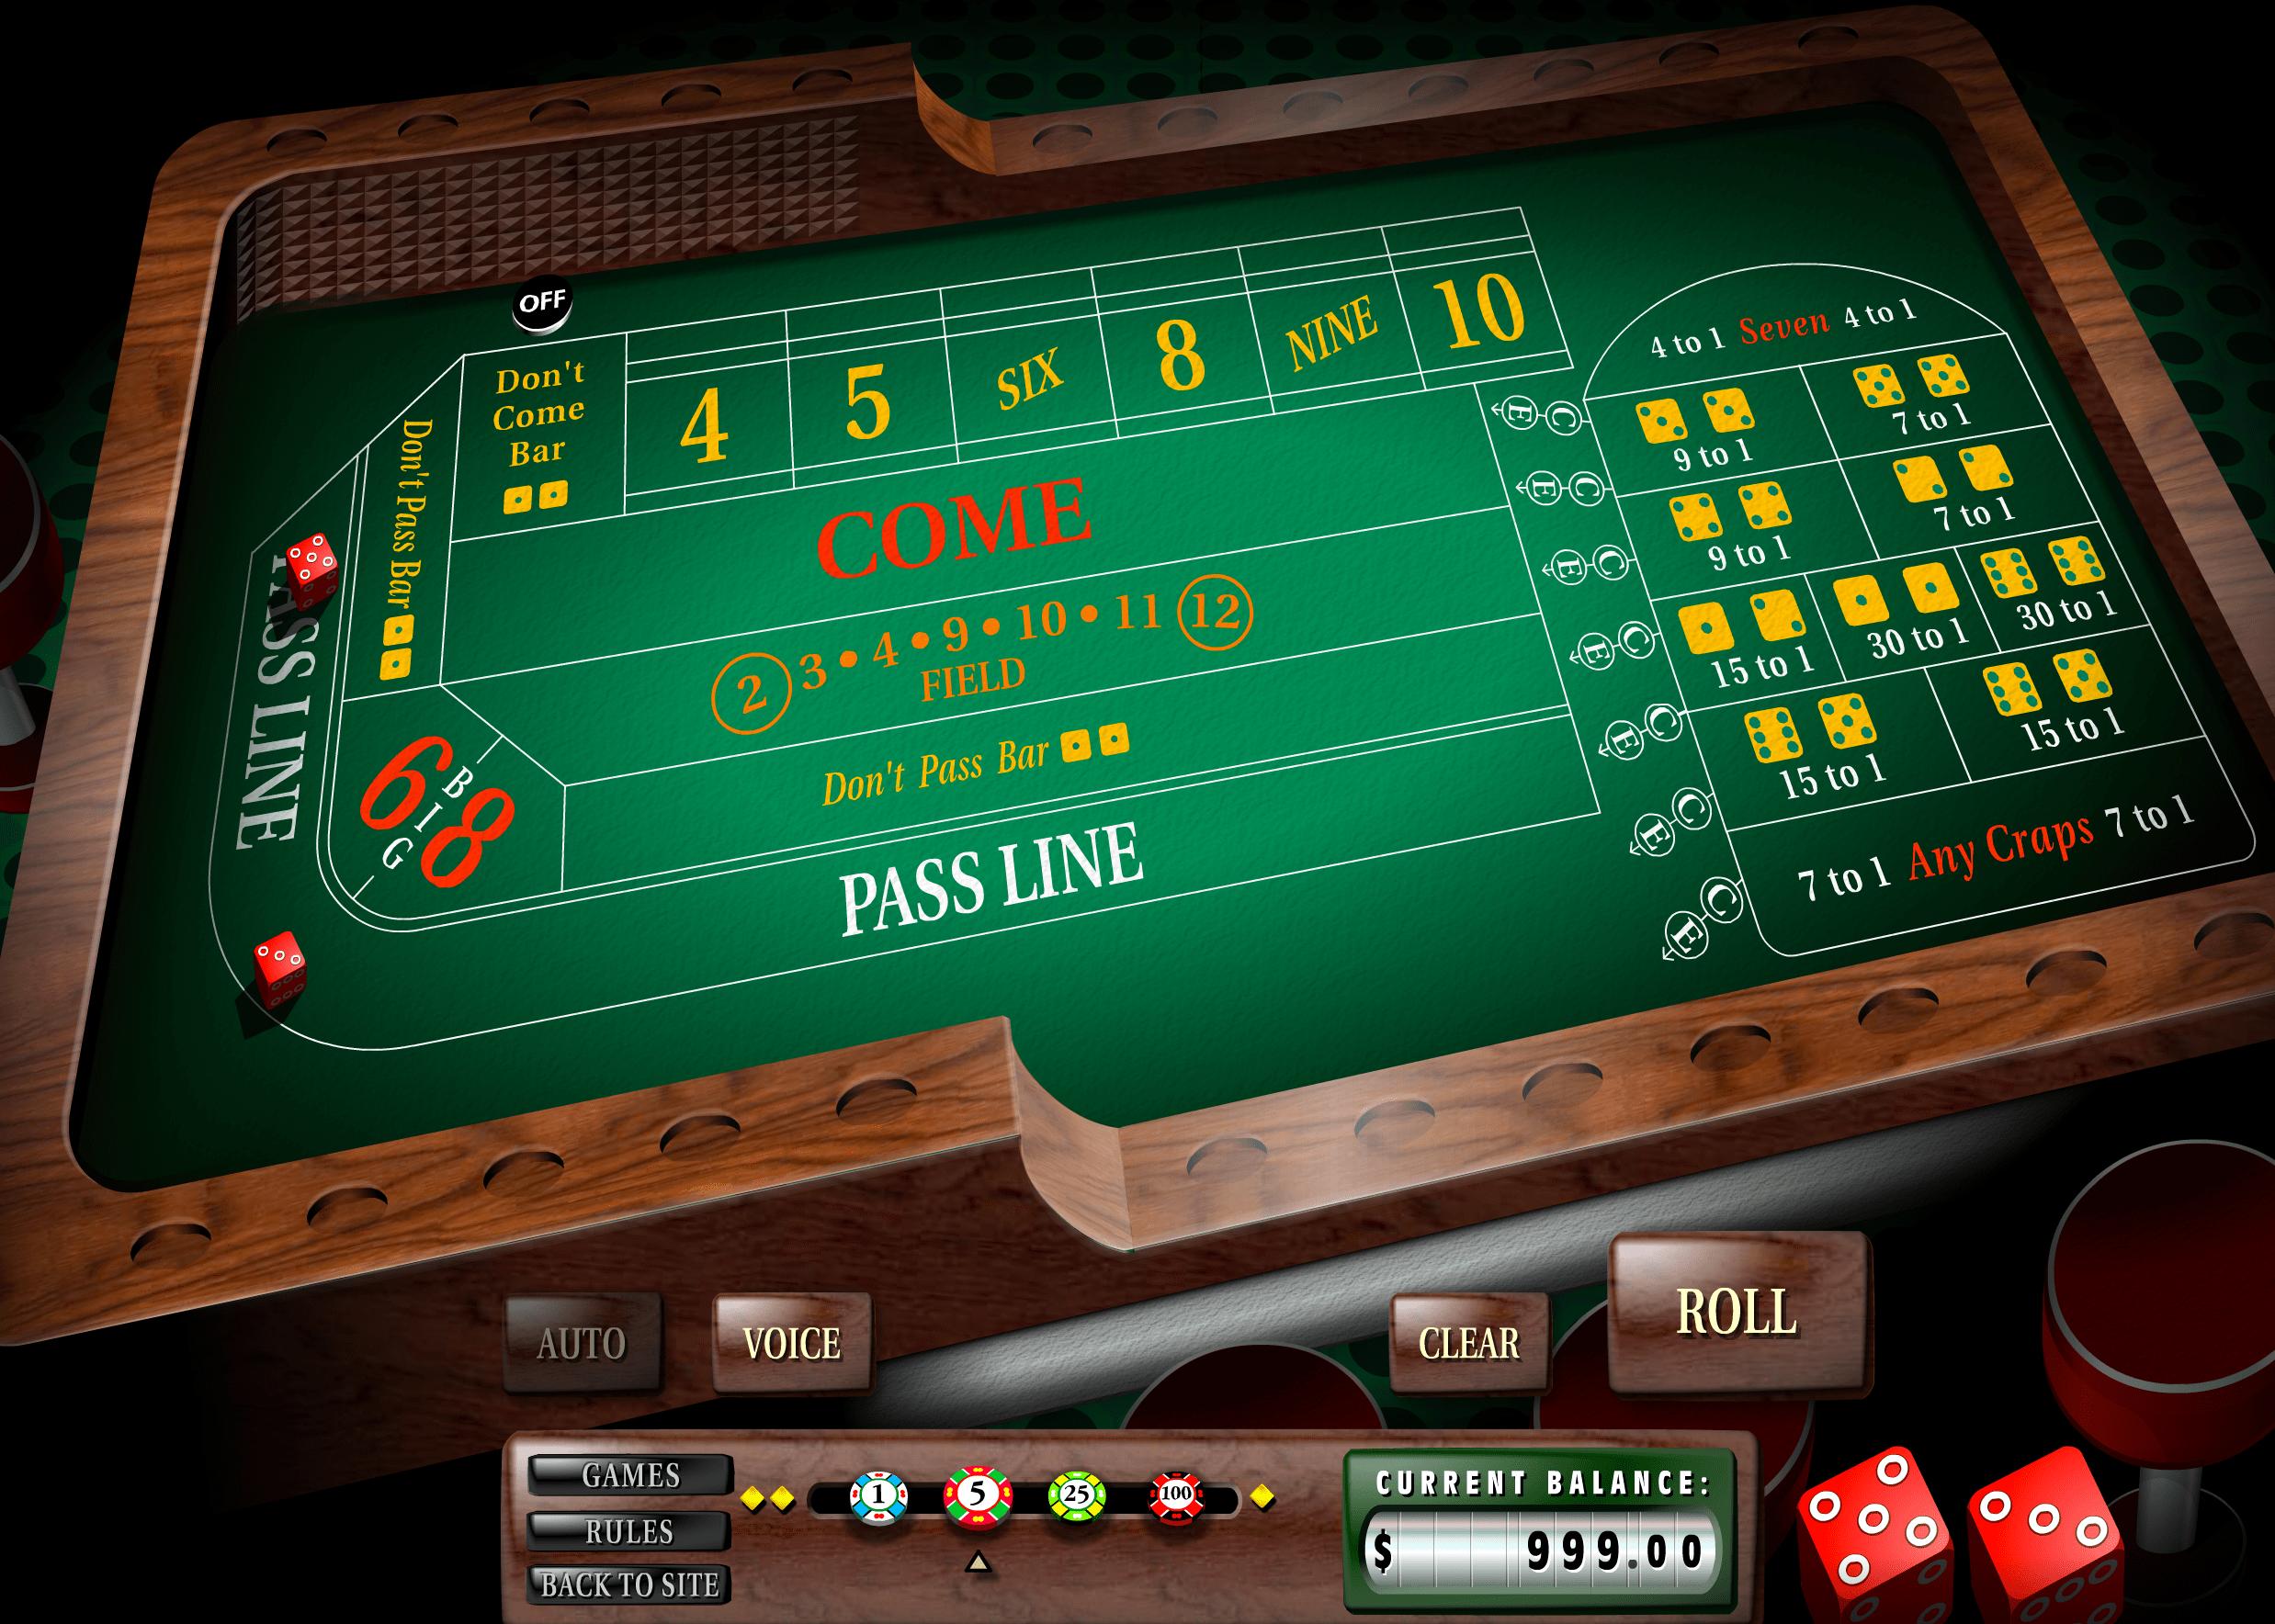 официальный сайт правила игры в кости в казино